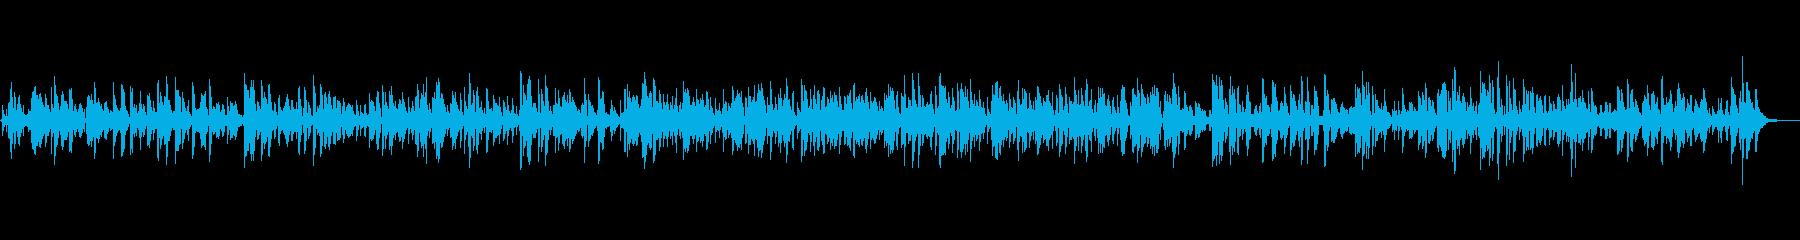 ジャズで癒される大人のムードBGMの再生済みの波形